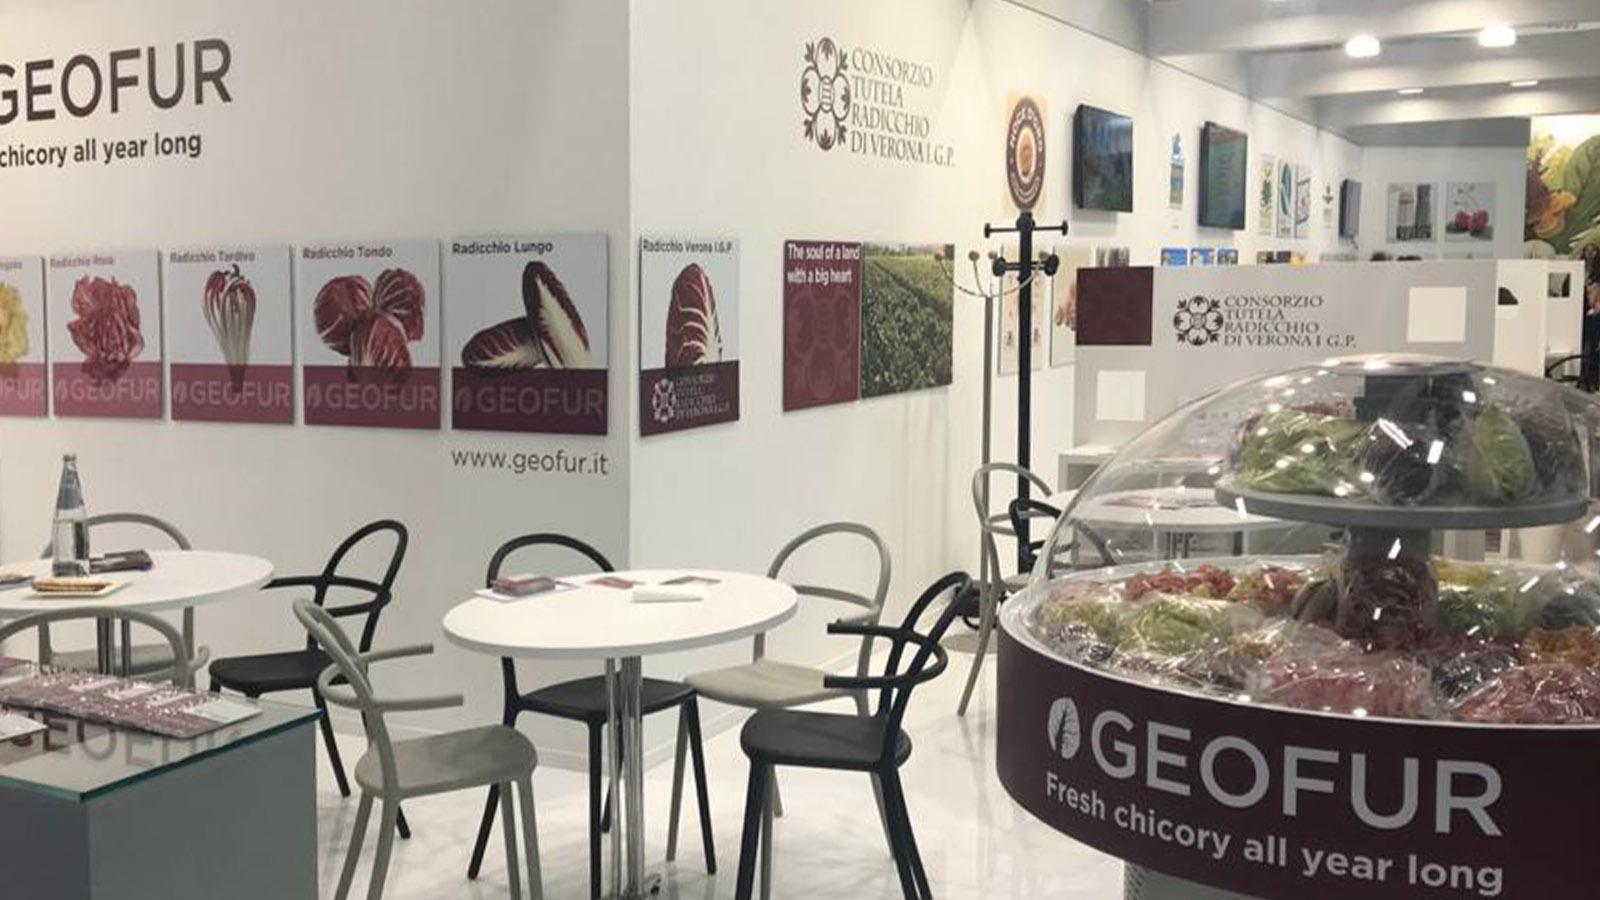 geofur-fruitlogistica-2020-frigo